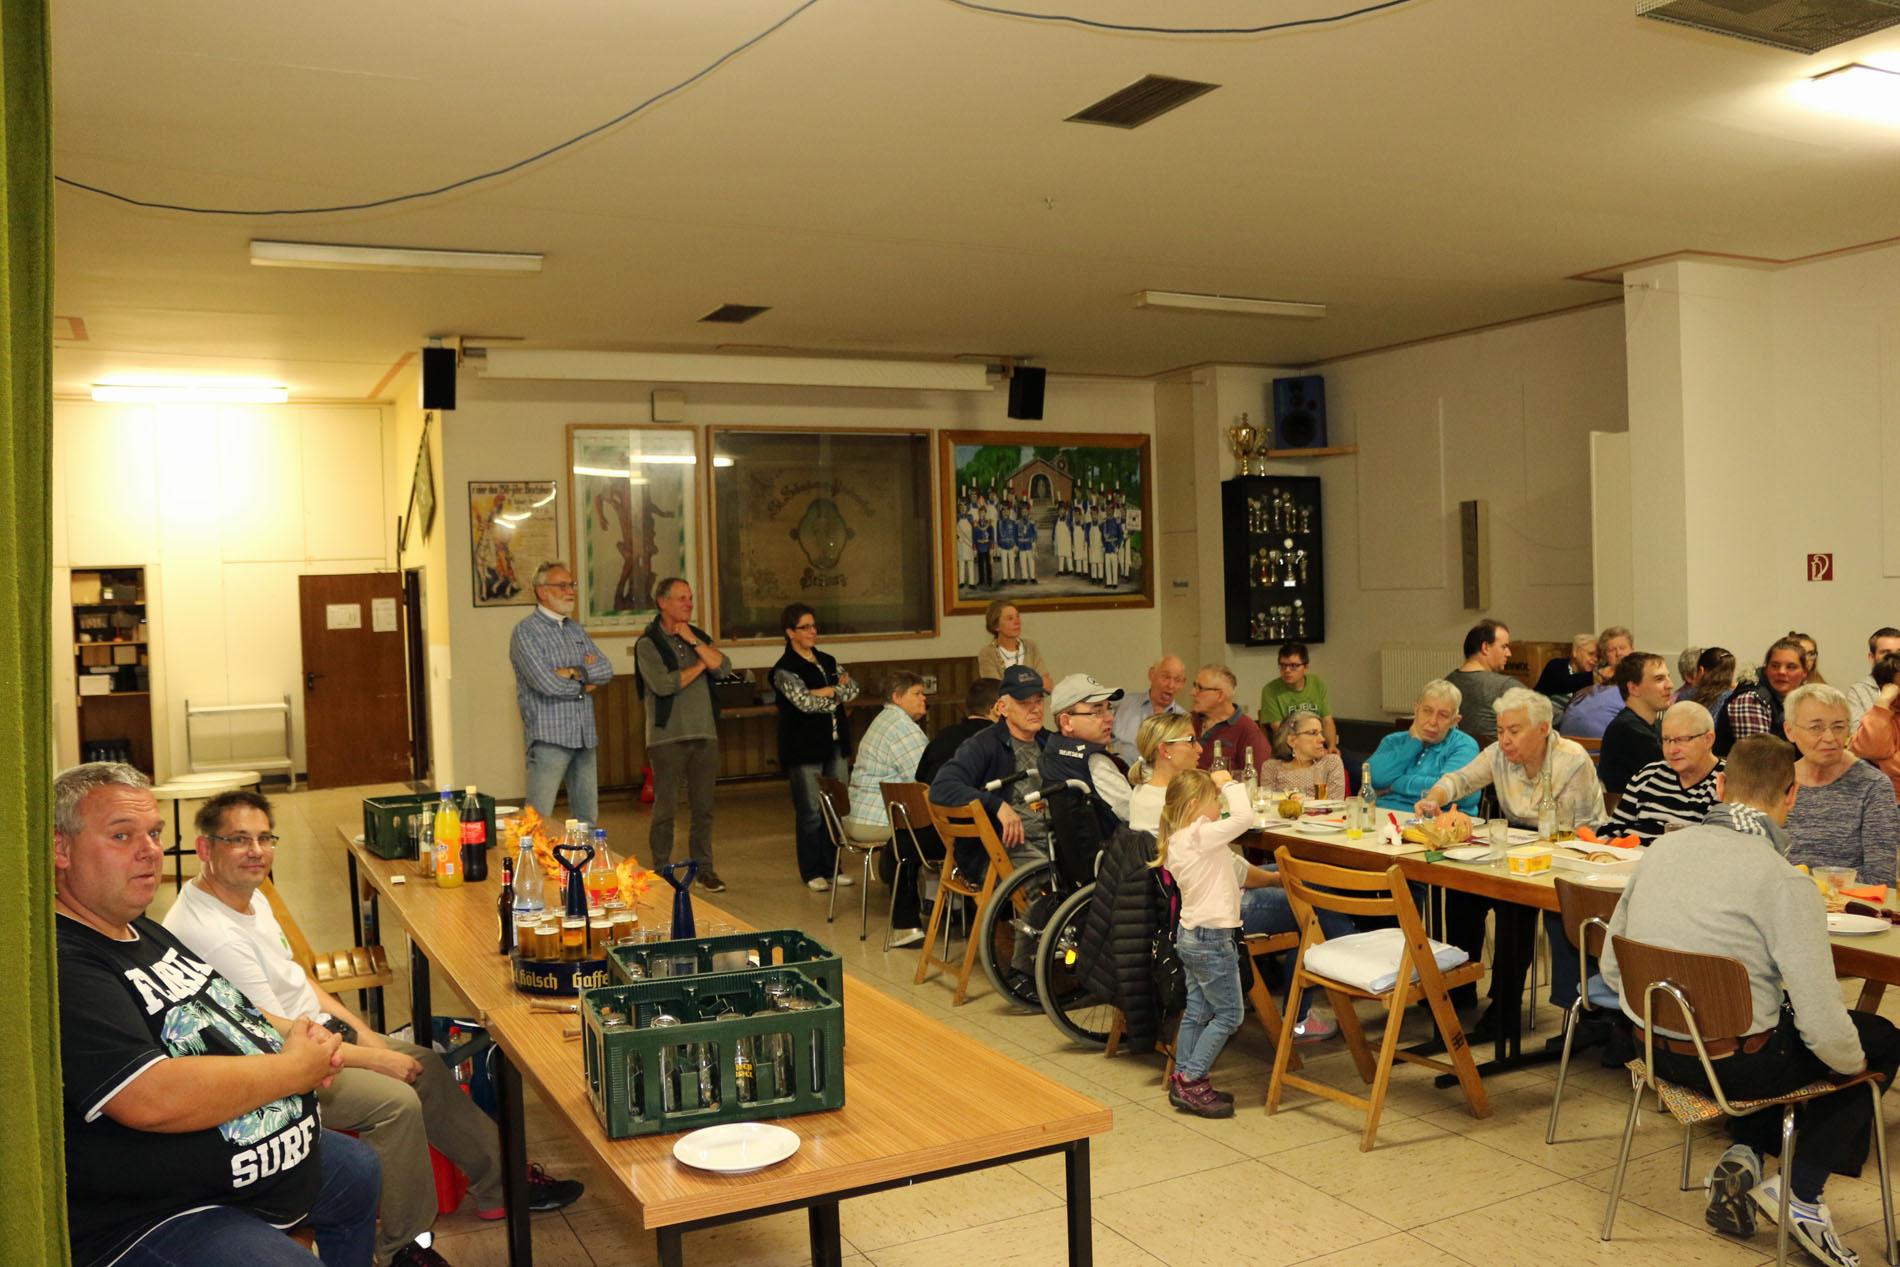 Begeistert waren die Gäste des Erntedankfestes und wollten den MGV an diesem Abend nicht ohne eine Zugabe gehen lassen.